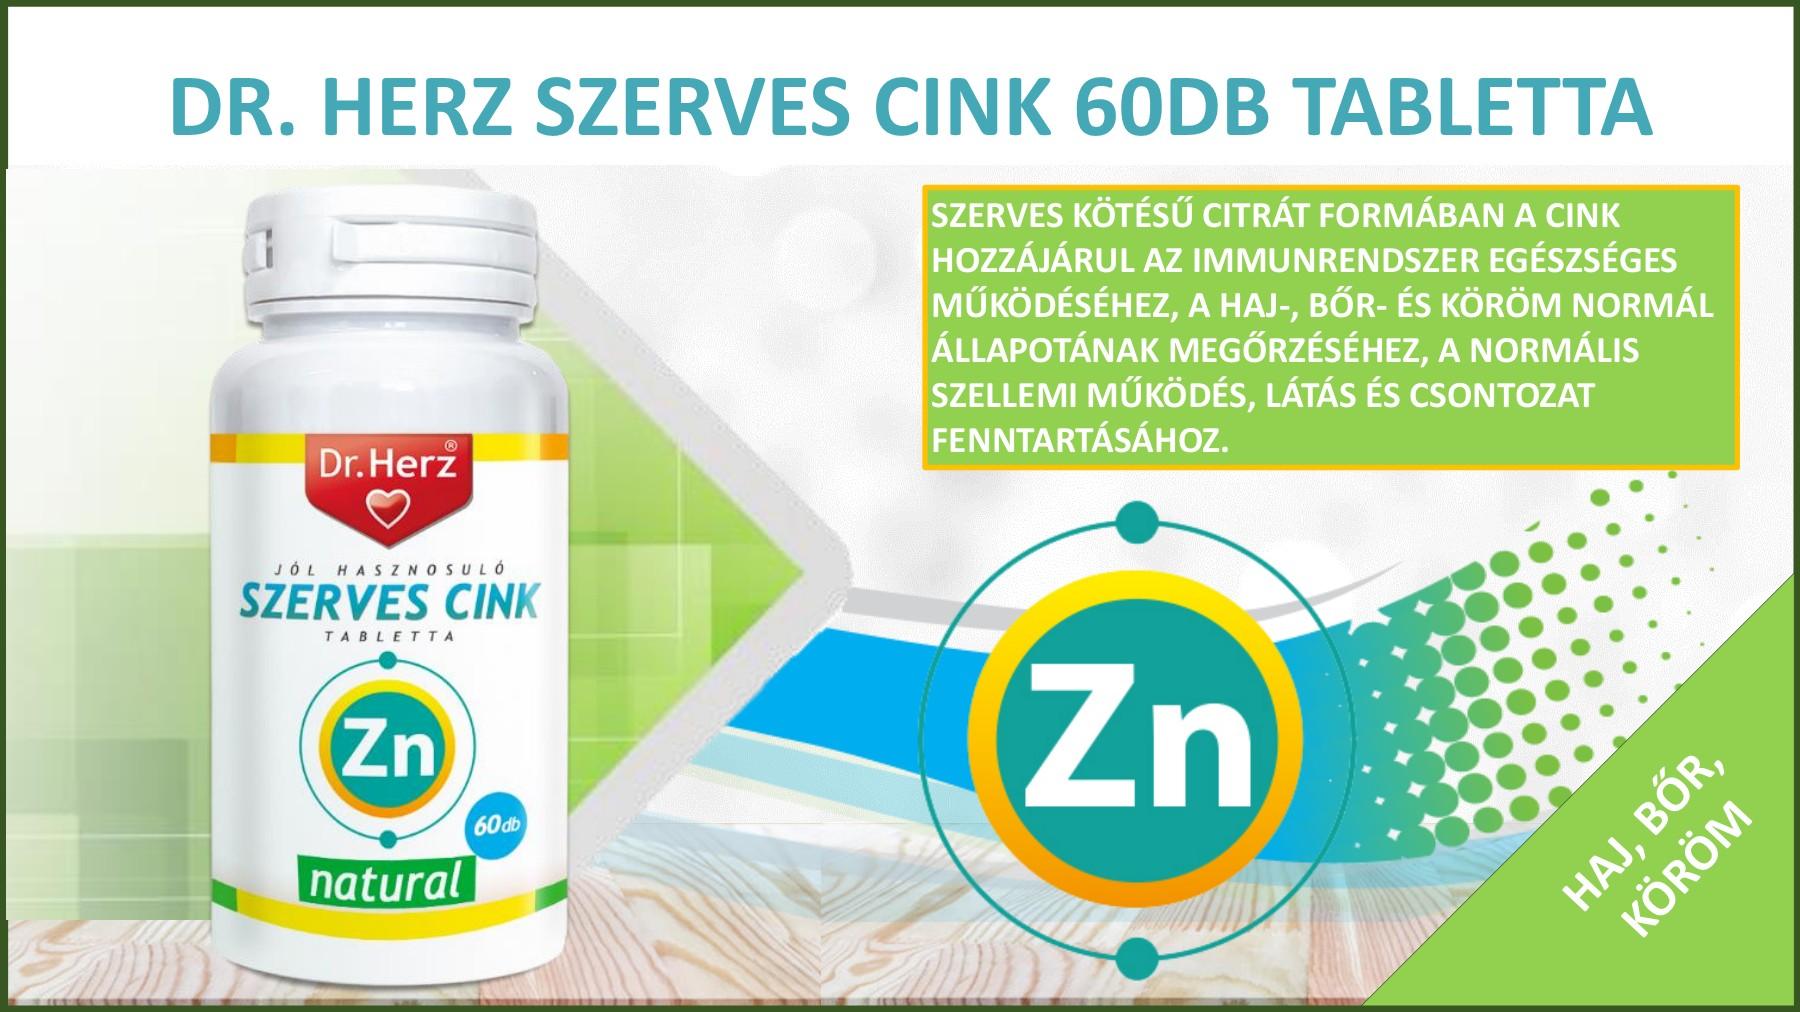 vitaminok a látási tabletták javítására